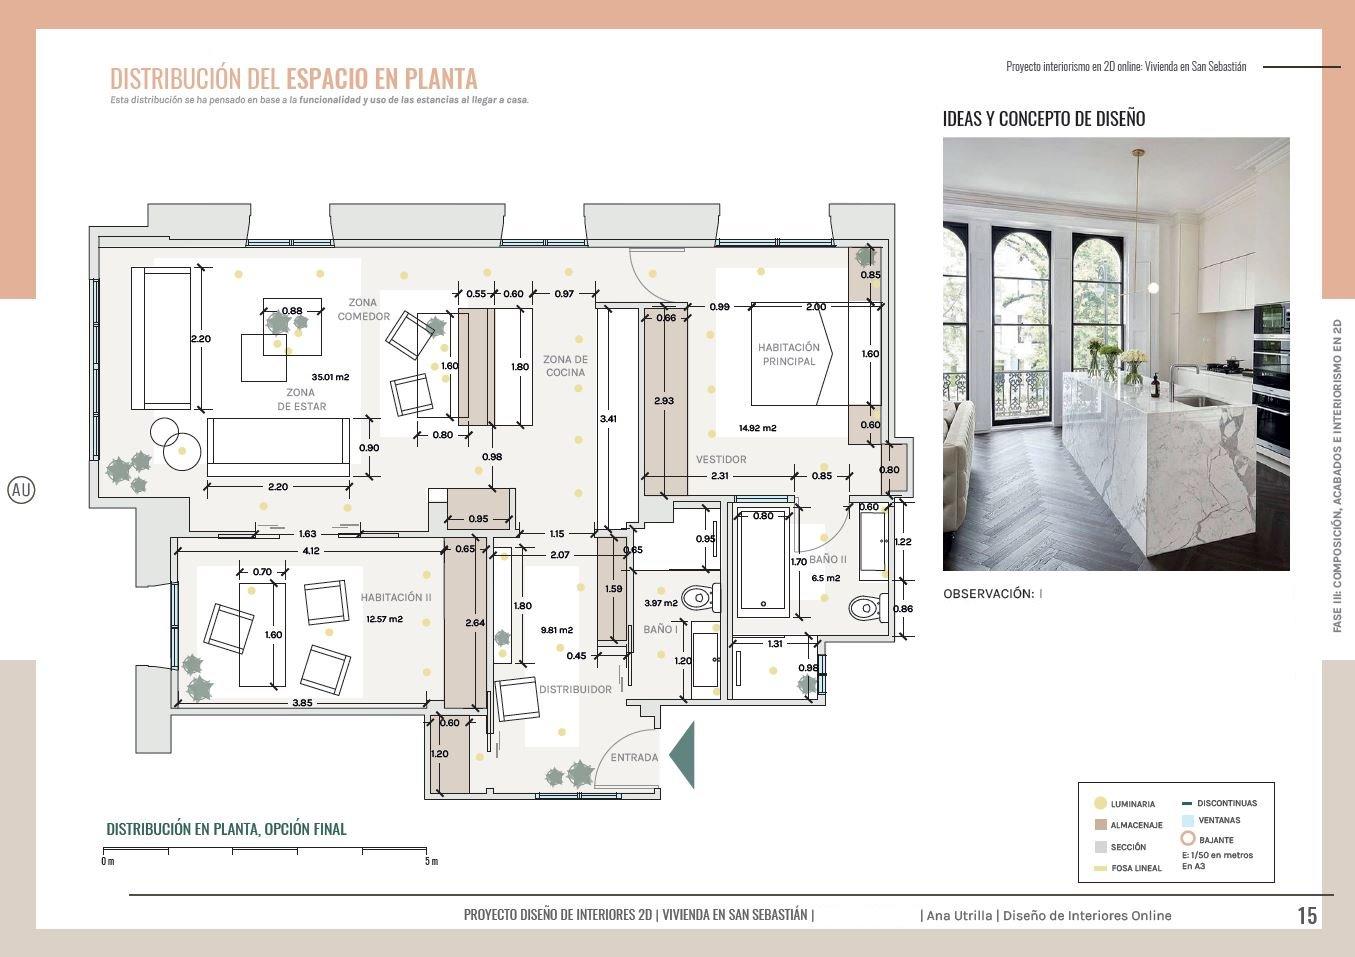 Plano de planta en 2D, de vivienda en San Sebastián, de estilo francés, reforma de cocina y baños a medida. #AnaUtrilla #Interiorismoonline